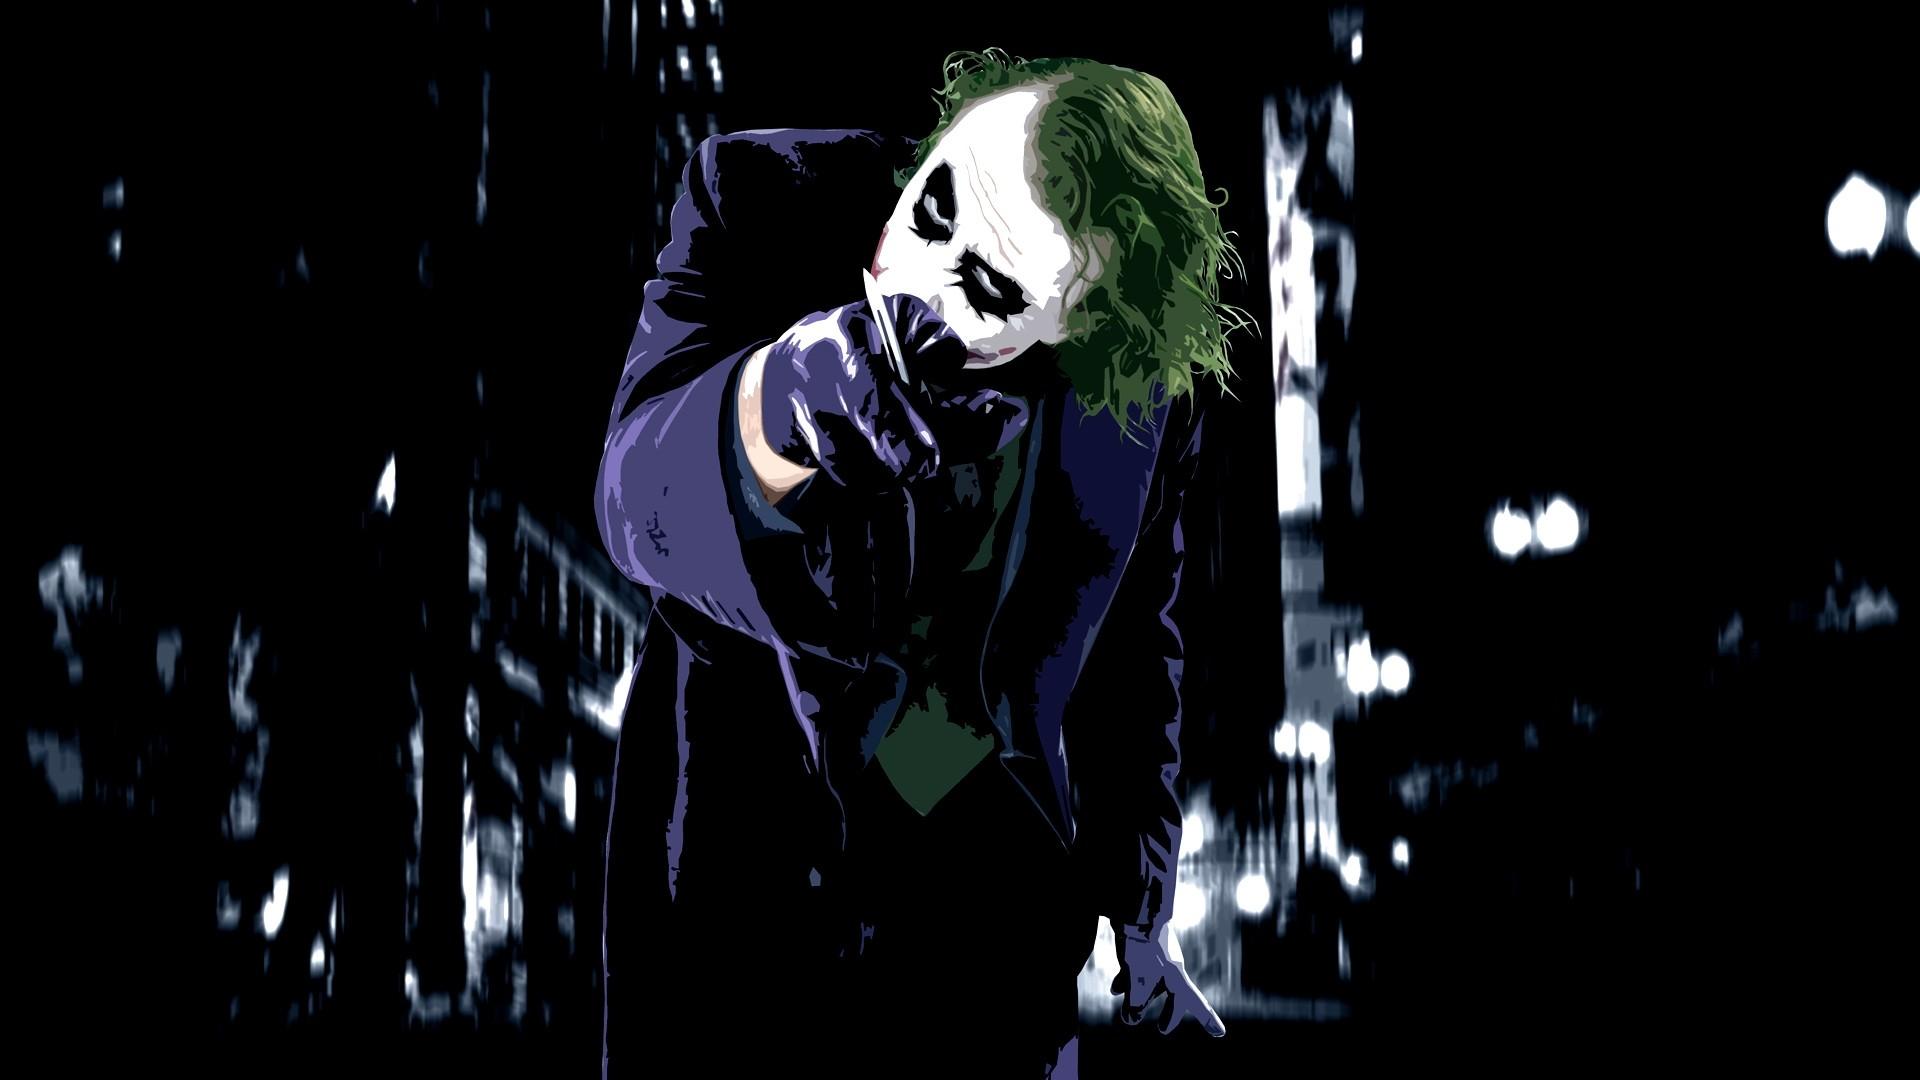 The Joker Full HD Wallpaper 1920×1080